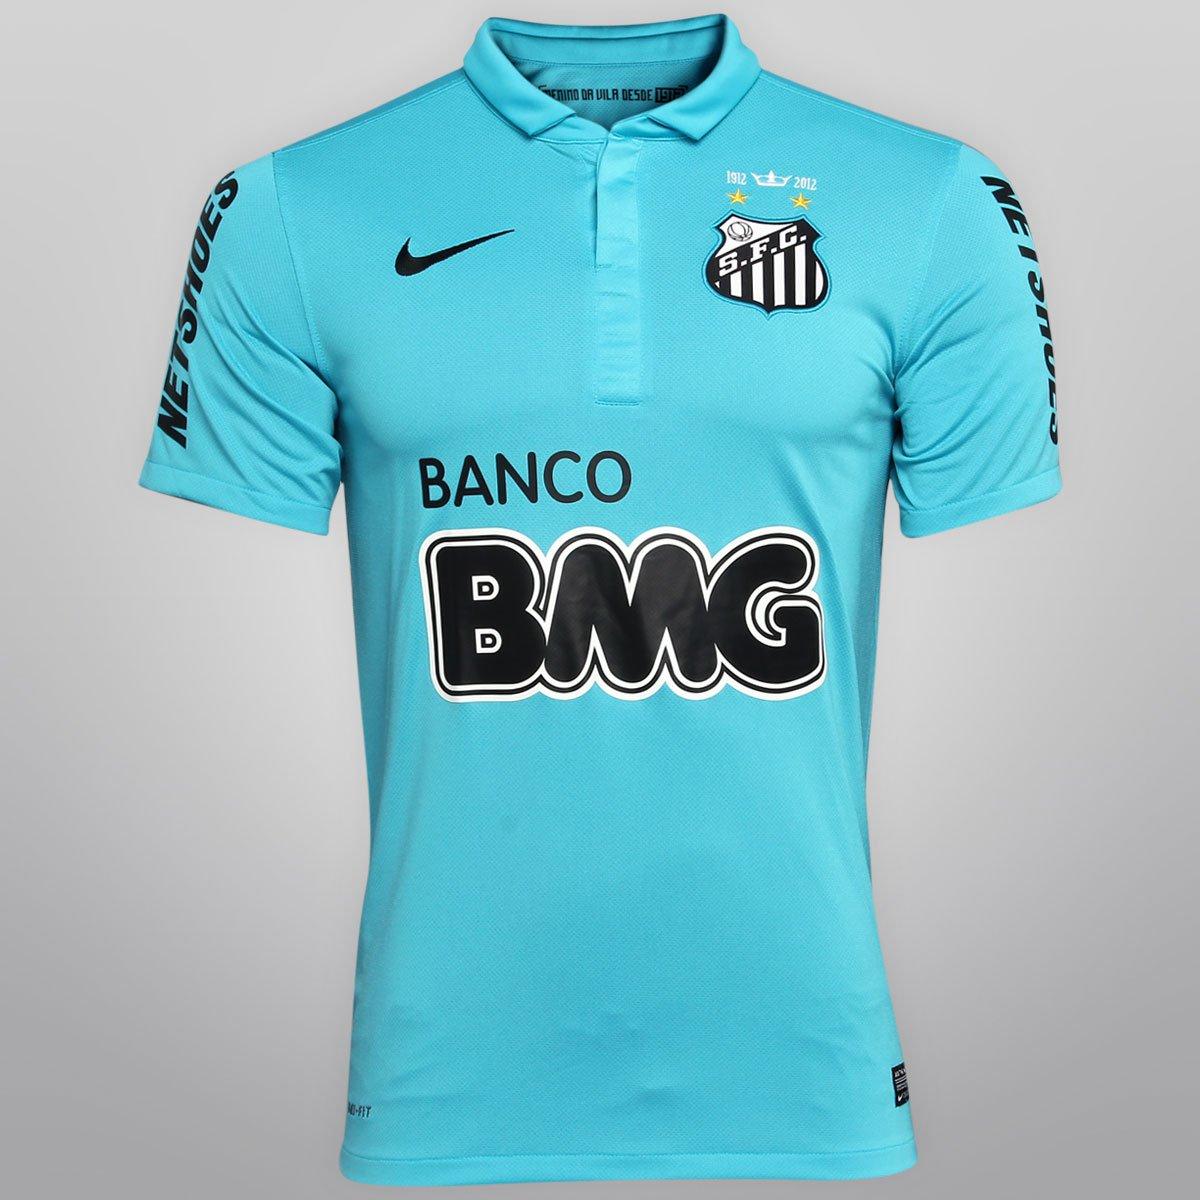 Camisa Nike Santos III 12 13 - Centenário nº 10 - Montillo - Compre Agora  9ccb9e9f3eda6